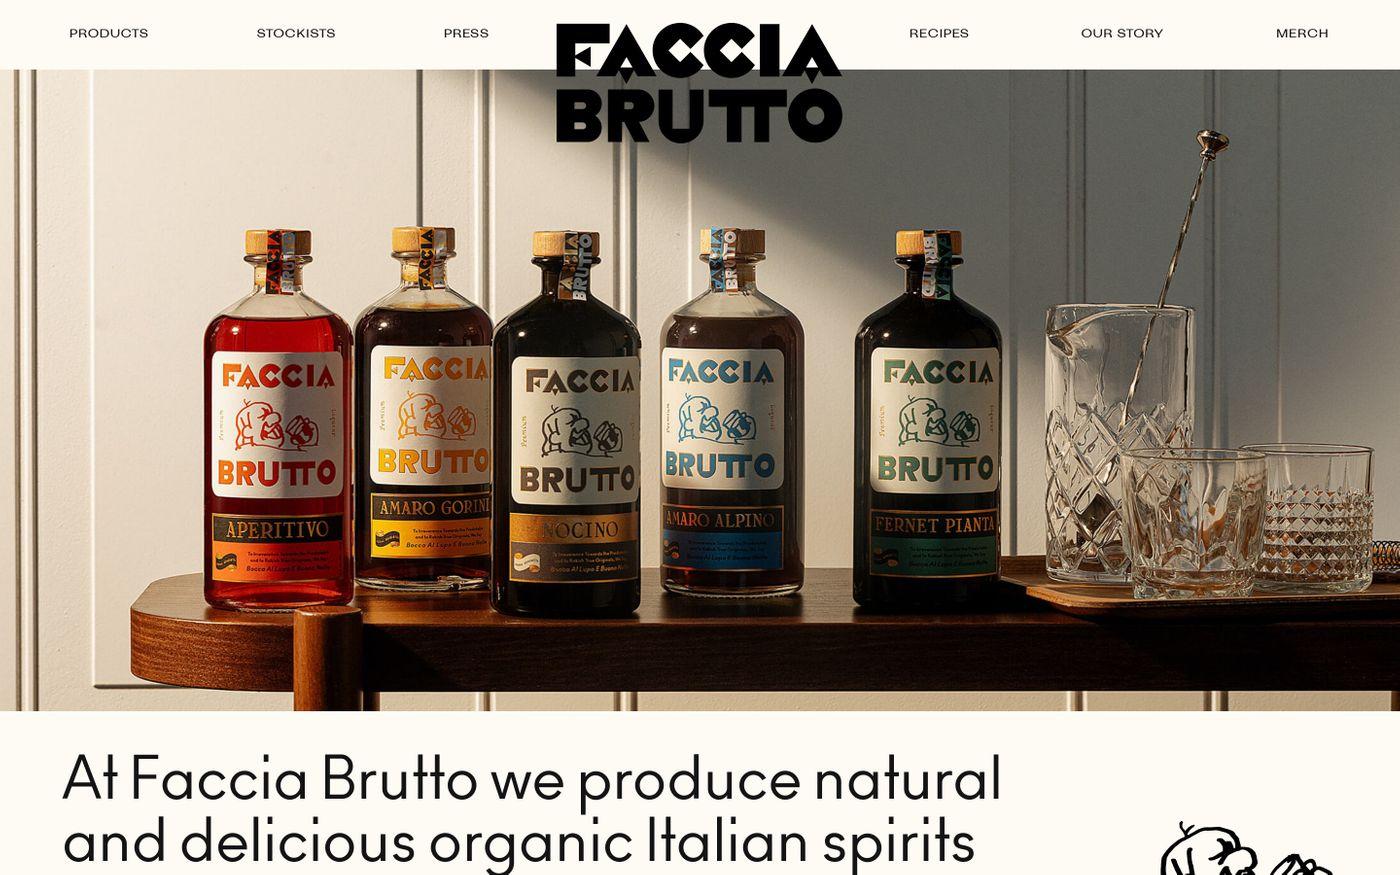 Screenshot of Faccia Brutto Spirits website